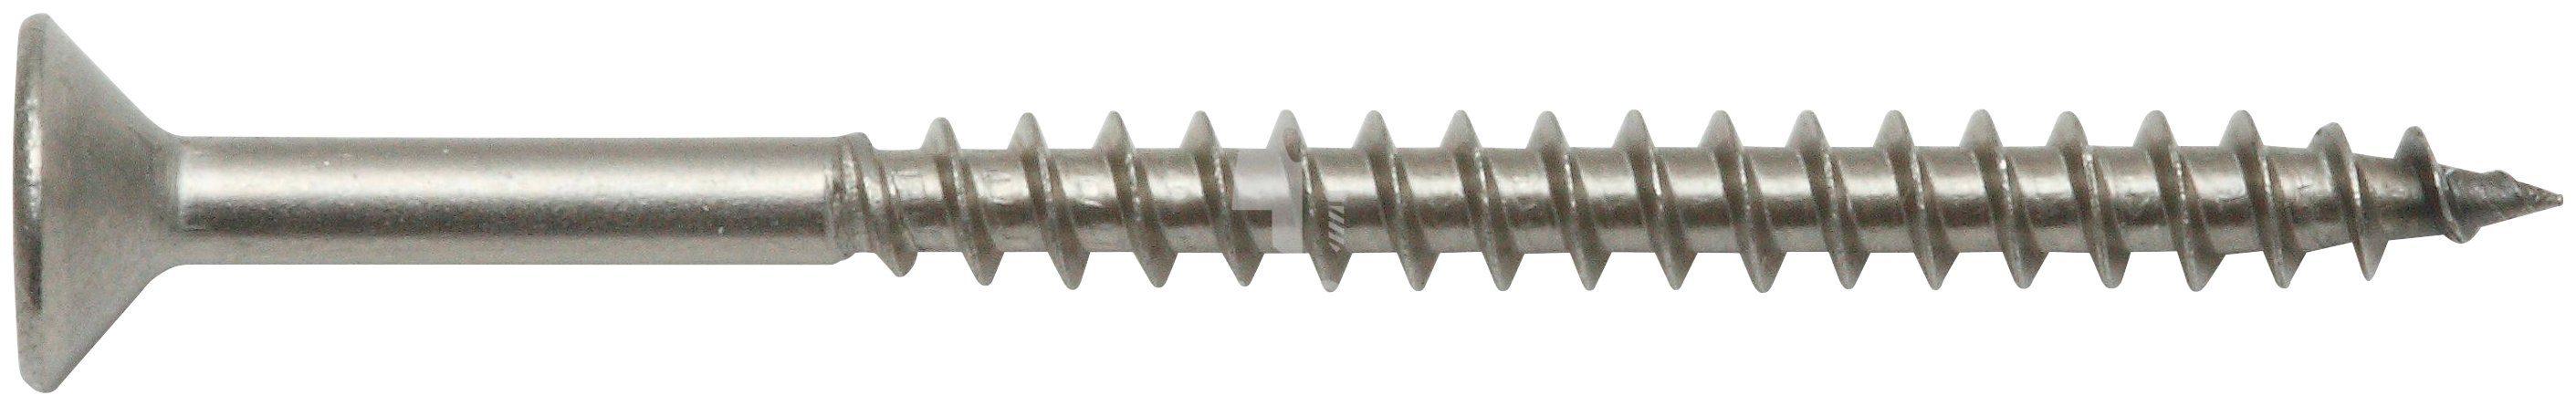 RAMSES Schrauben , Spanplattenschraube 5,0 x 60 200 Stk.